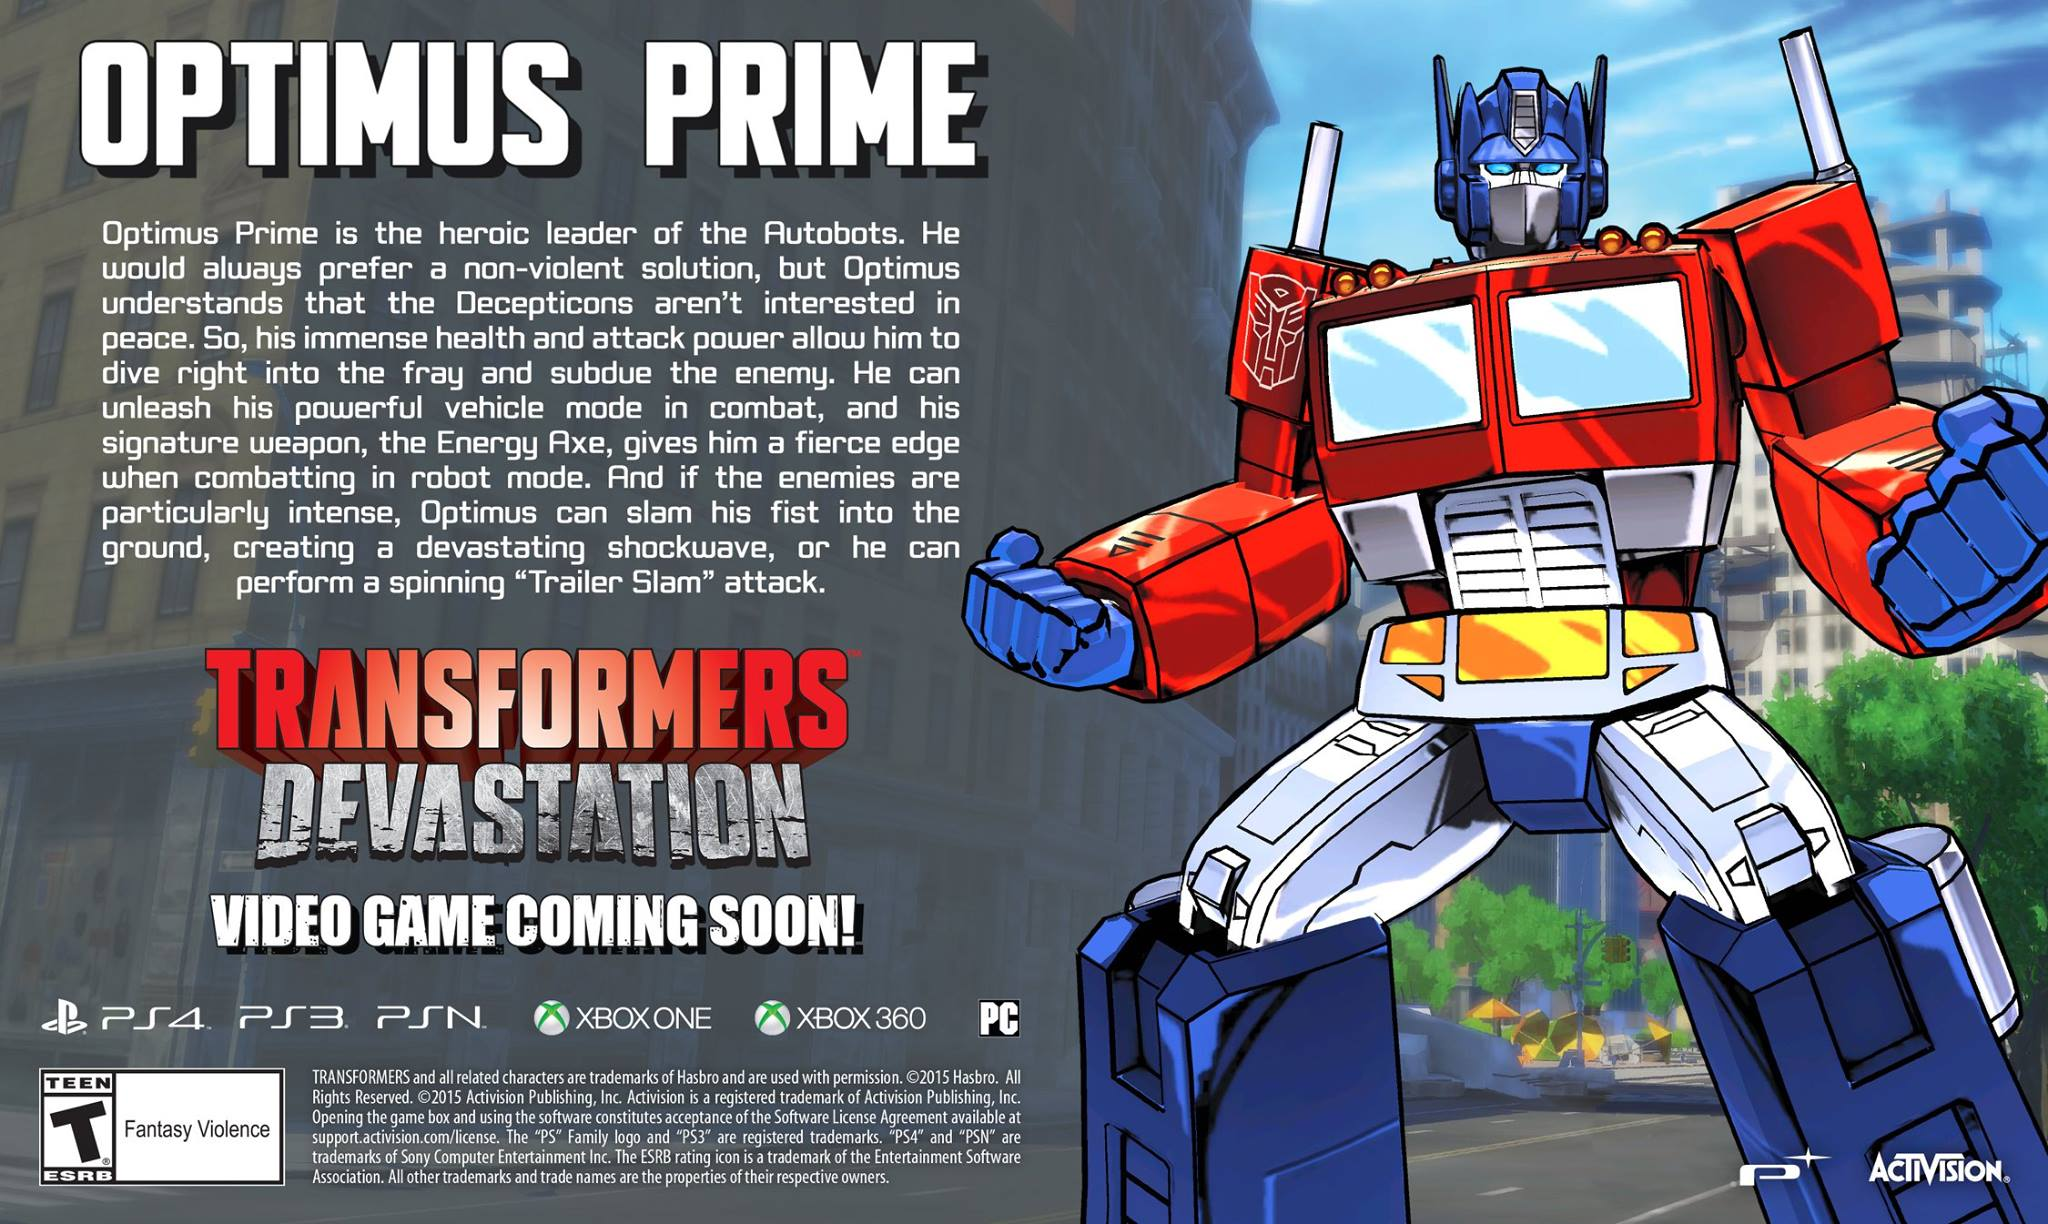 [Jeu Vidéo] Transformers: Devastation sur PS4, PS3, XBoxOne, Xbox360 et PC - Page 4 Transformers-Devastation-Video-Game-Optimus-Prime-Character-Profile